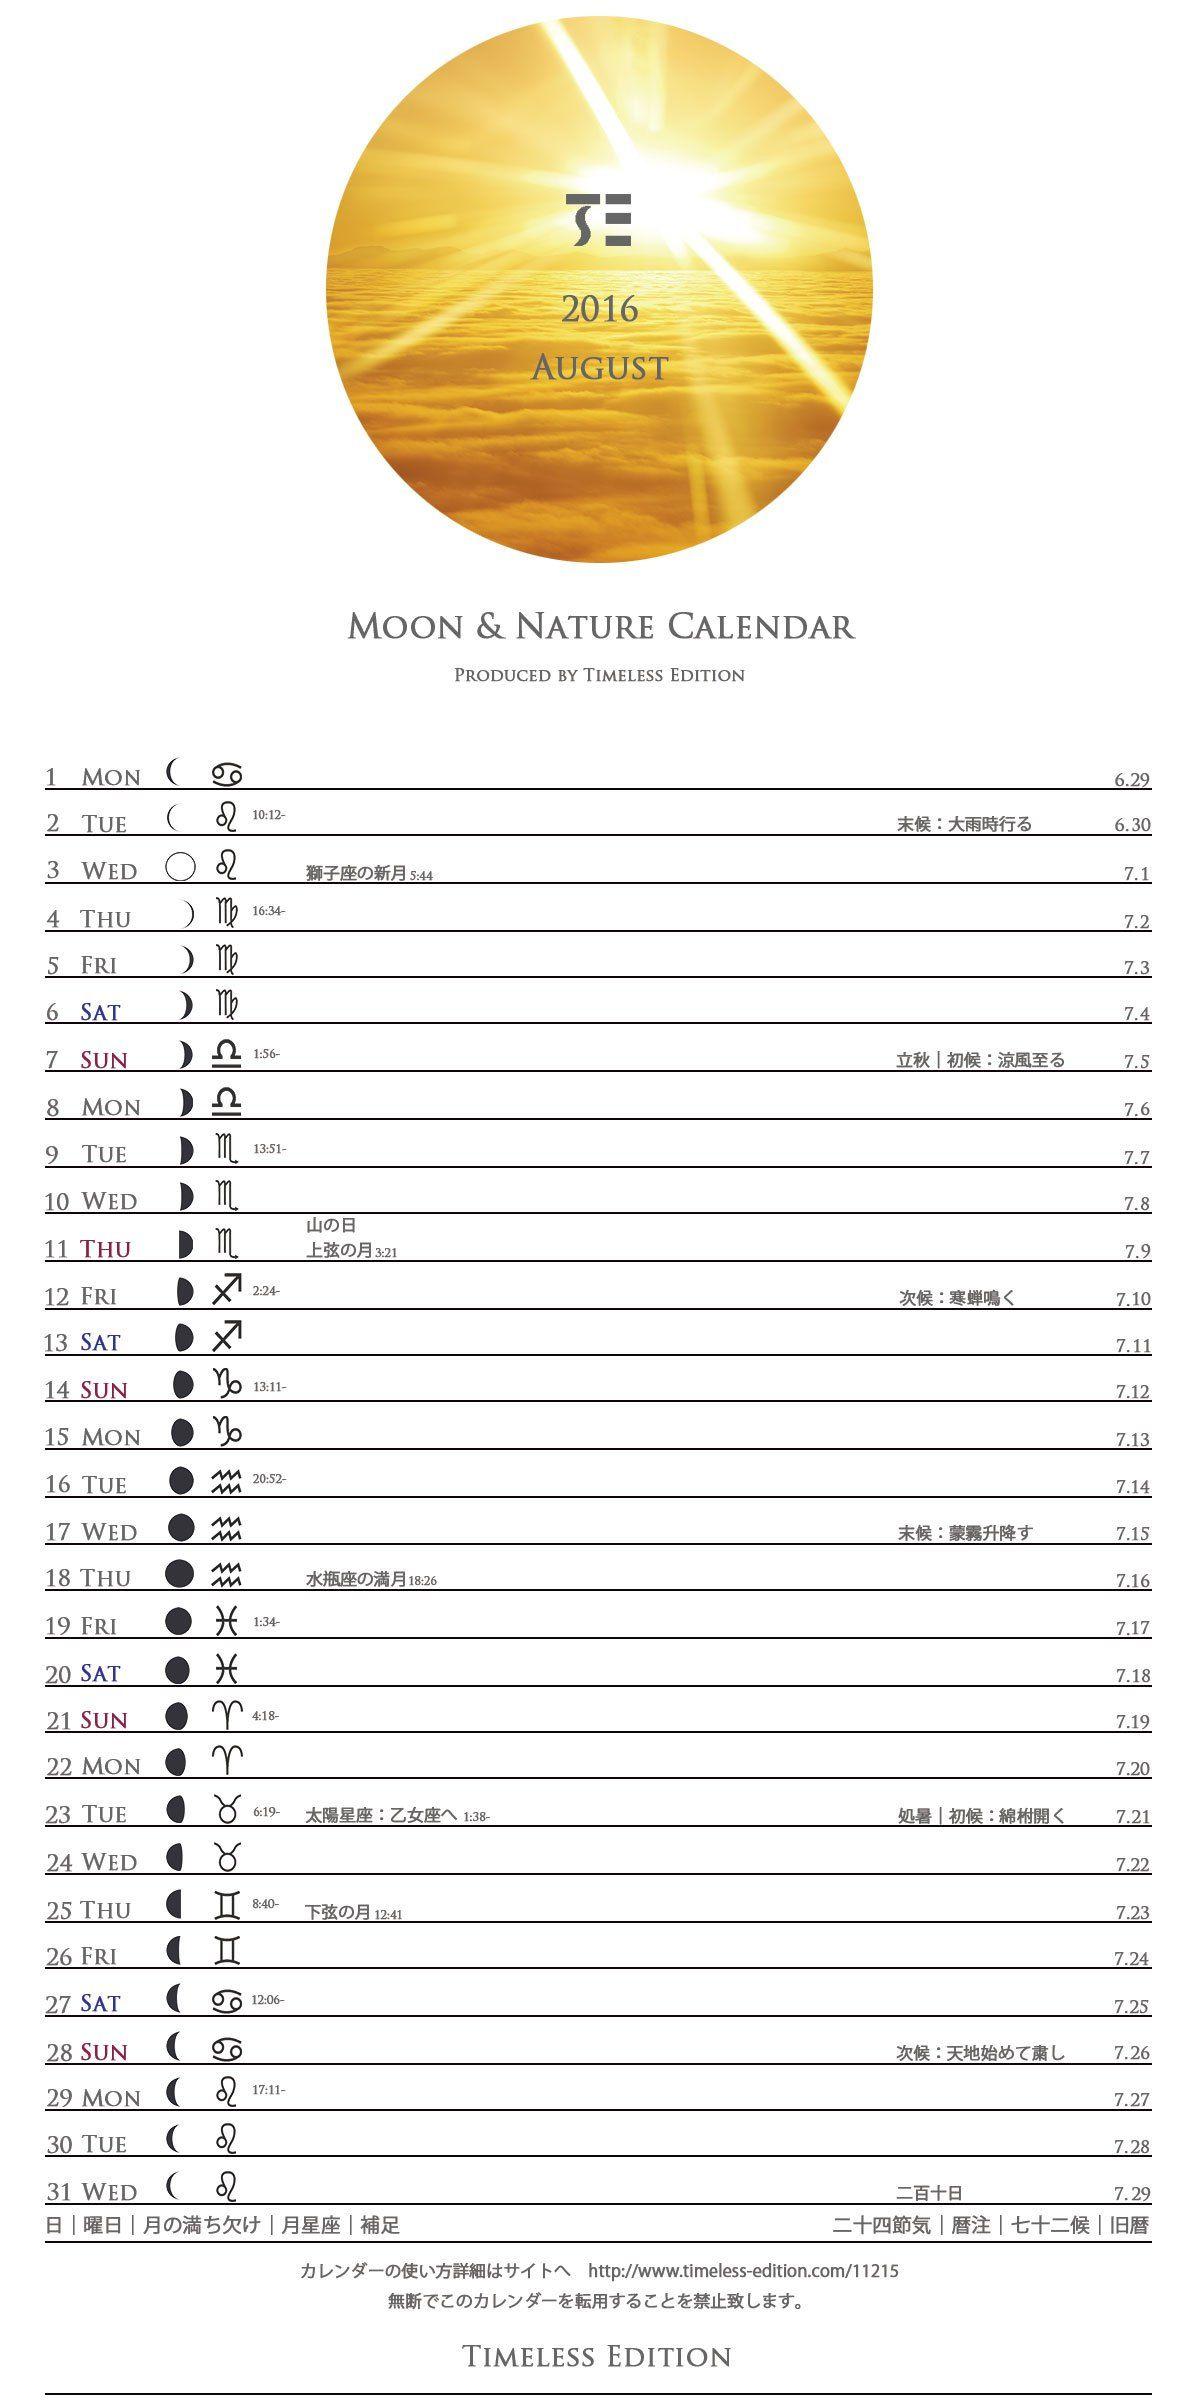 月と旧暦のカレンダー 月の満ち欠け 新月 満月 月星座 月齢などが分かる カレンダー カレンダー 月 星座